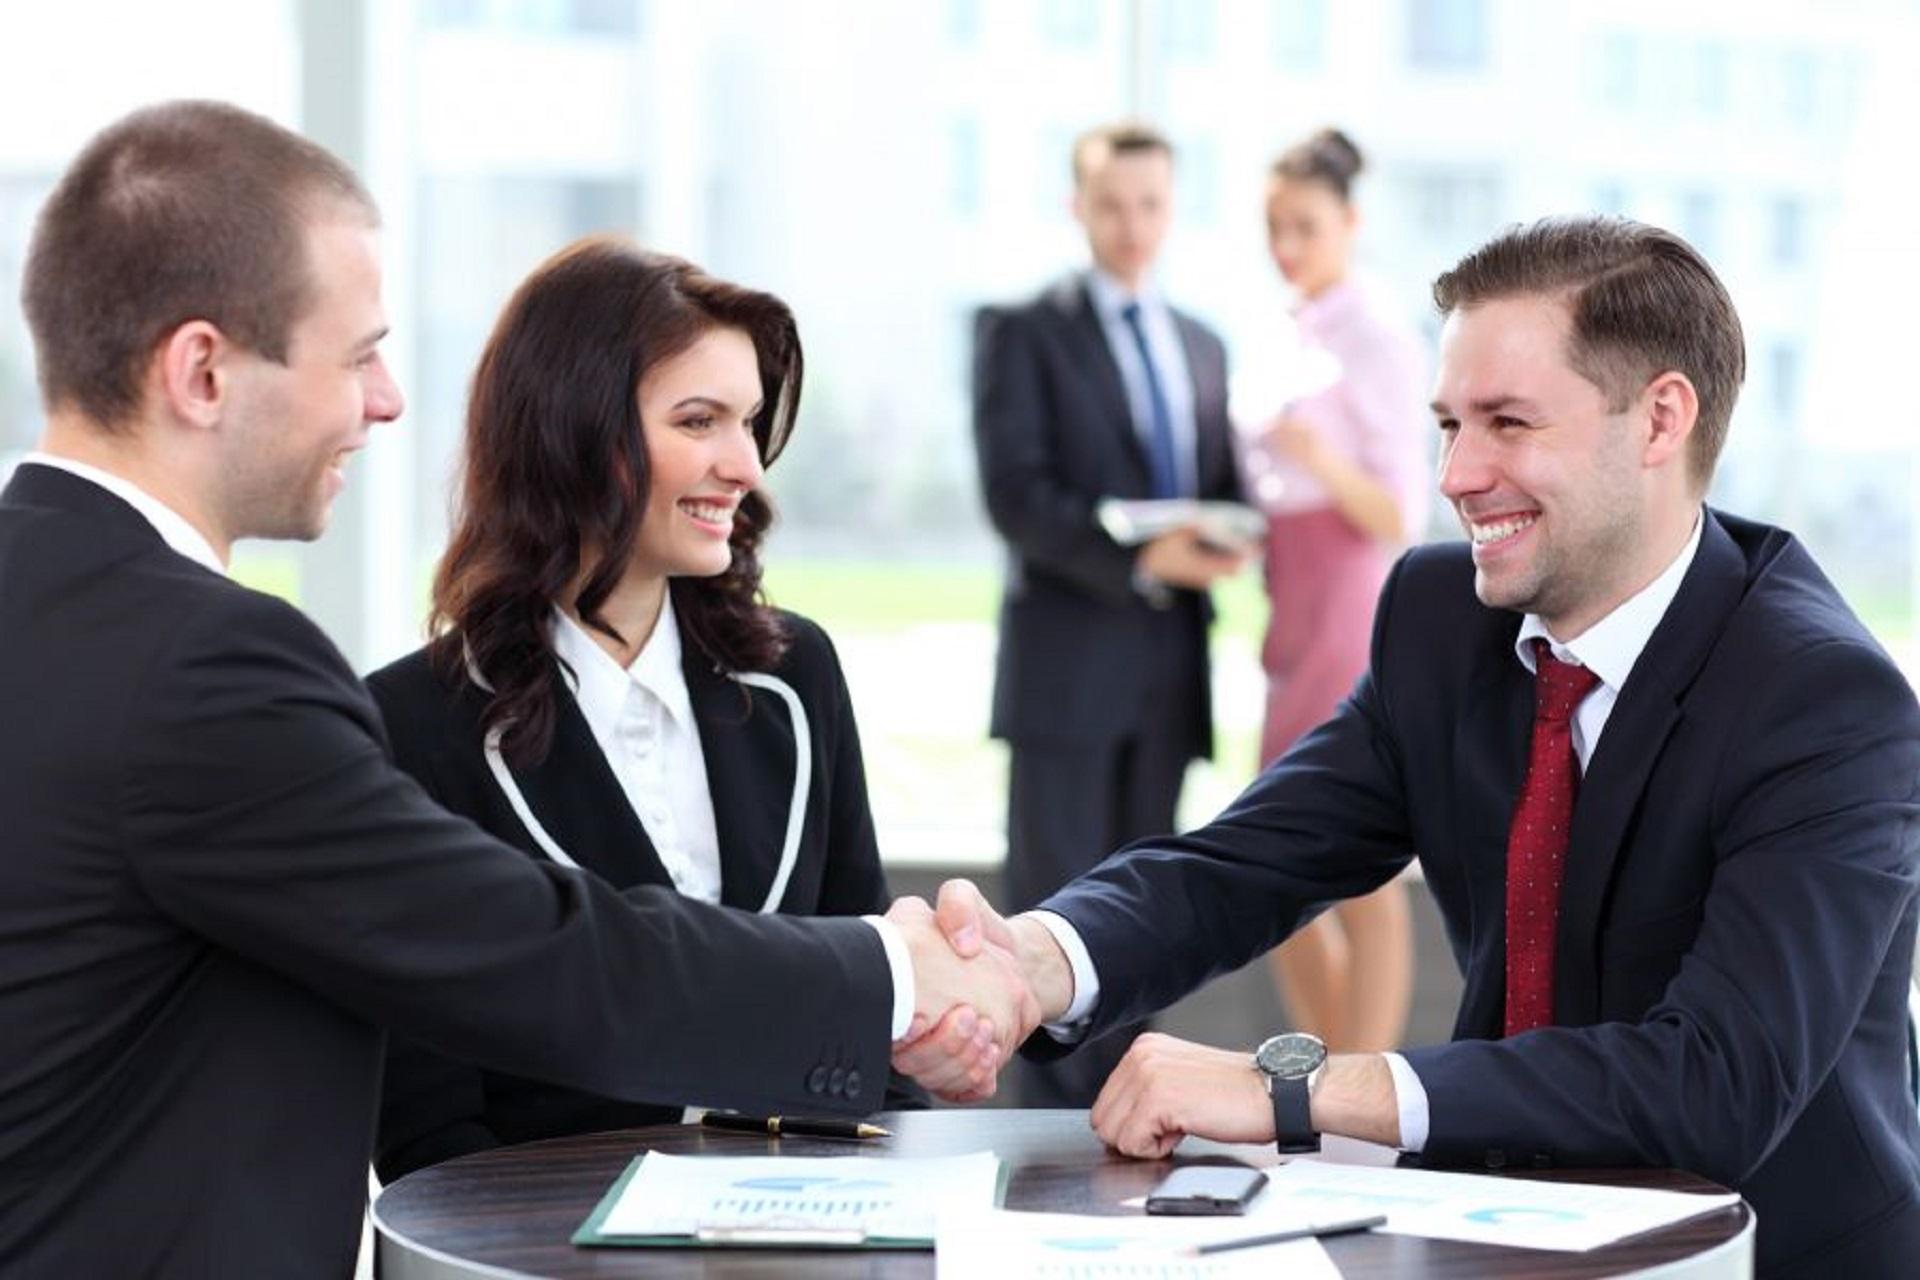 15 cách giao tiếp với khách hàng thông minh người kinh doanh cần biết